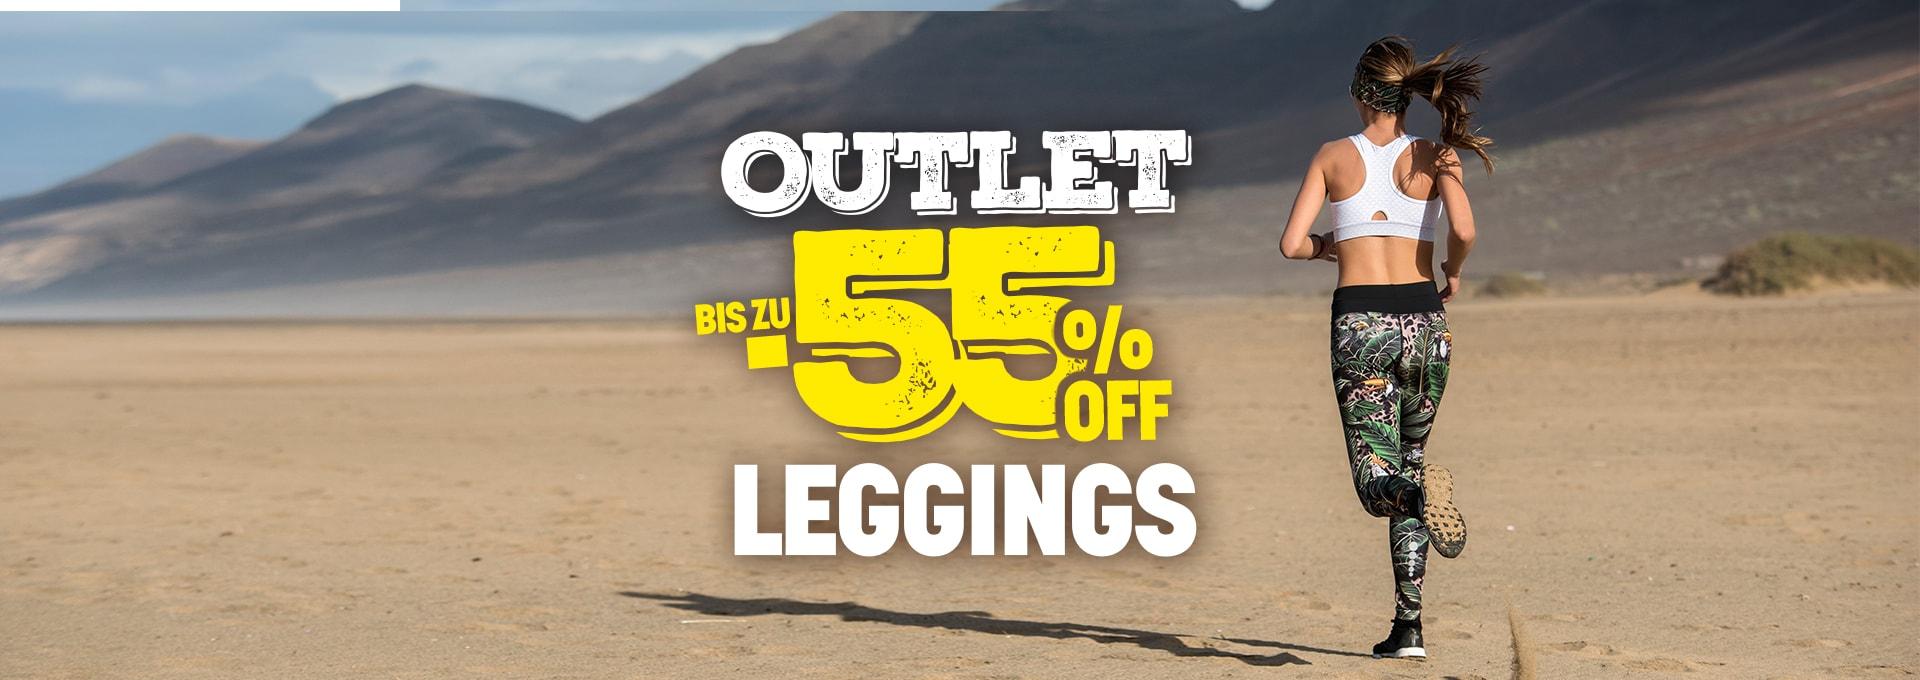 Outlet legginsy 55